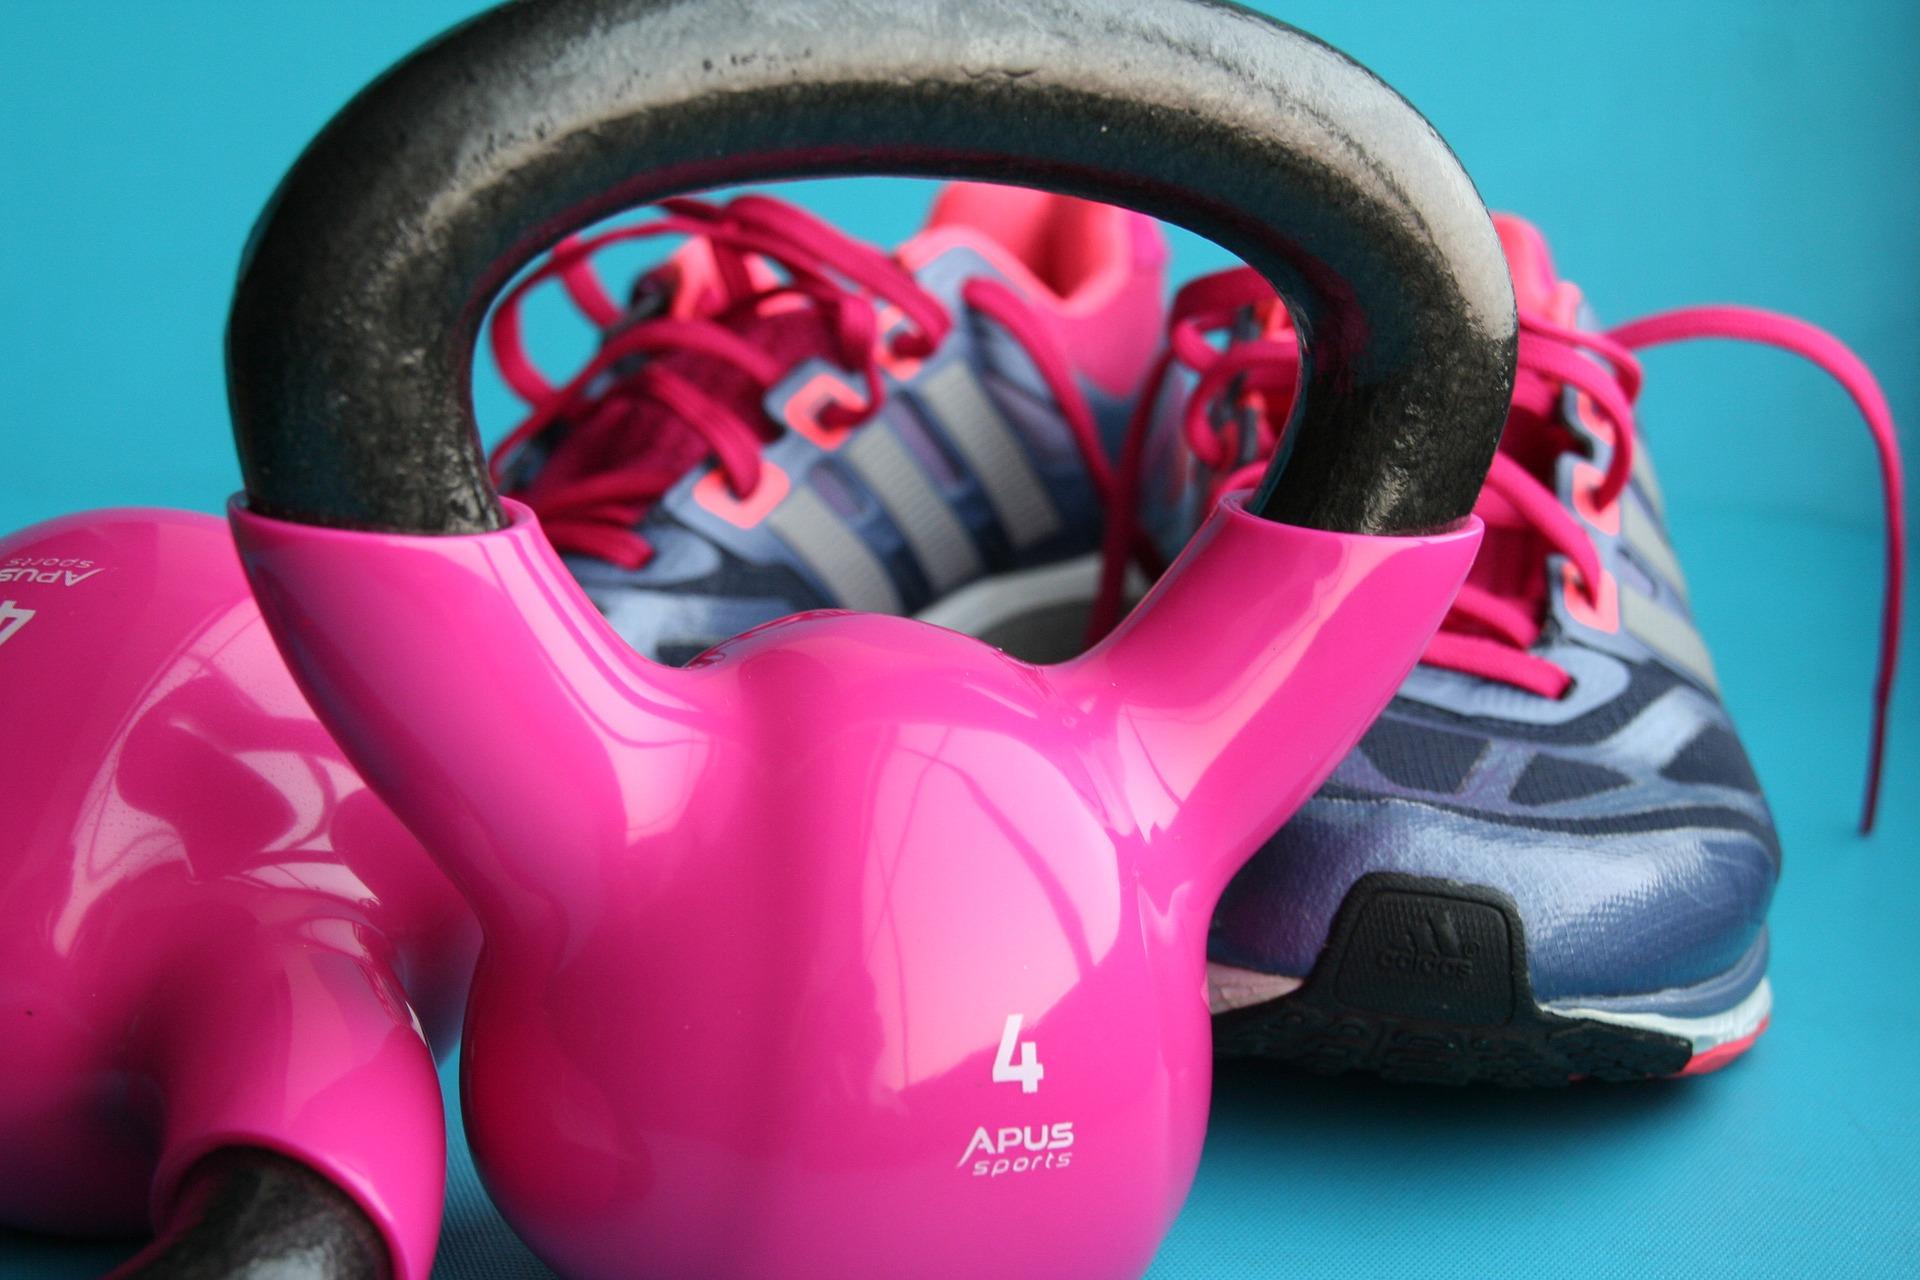 EXERCISING: MY HEALTH JOURNEY